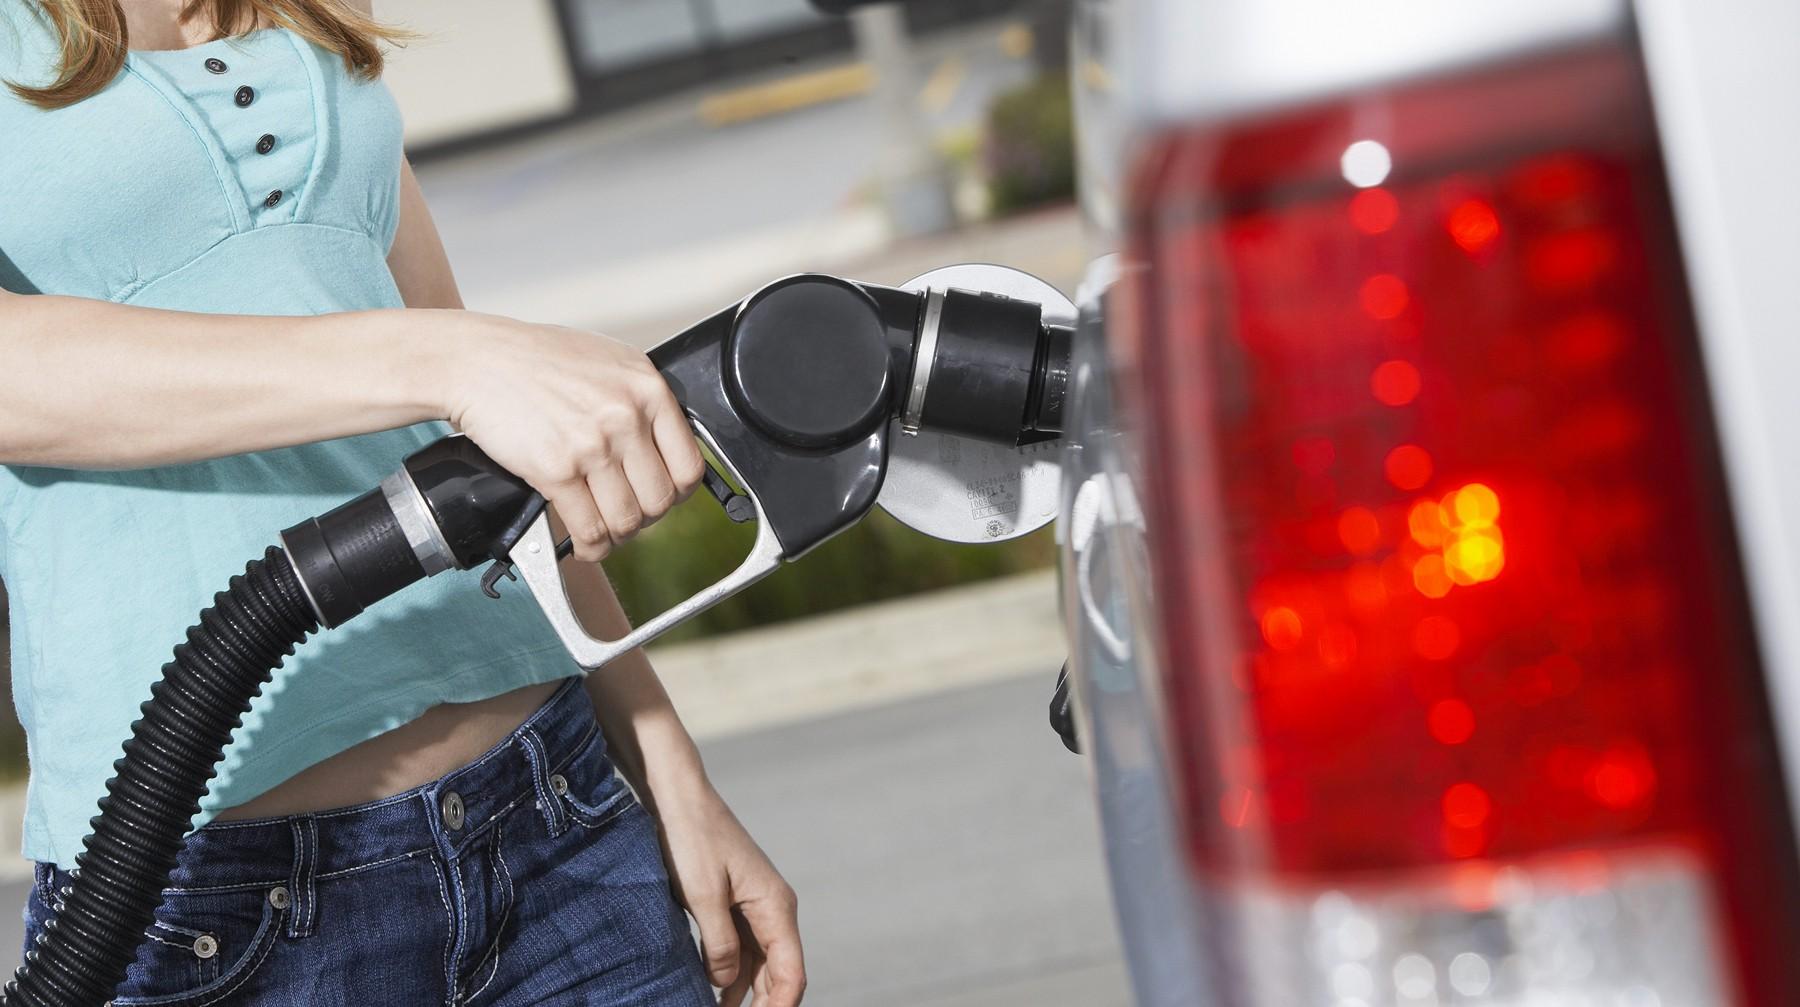 Dailystorm - Безудержный рост цены на бензин, или Еще один инструмент для пополнения бюджета